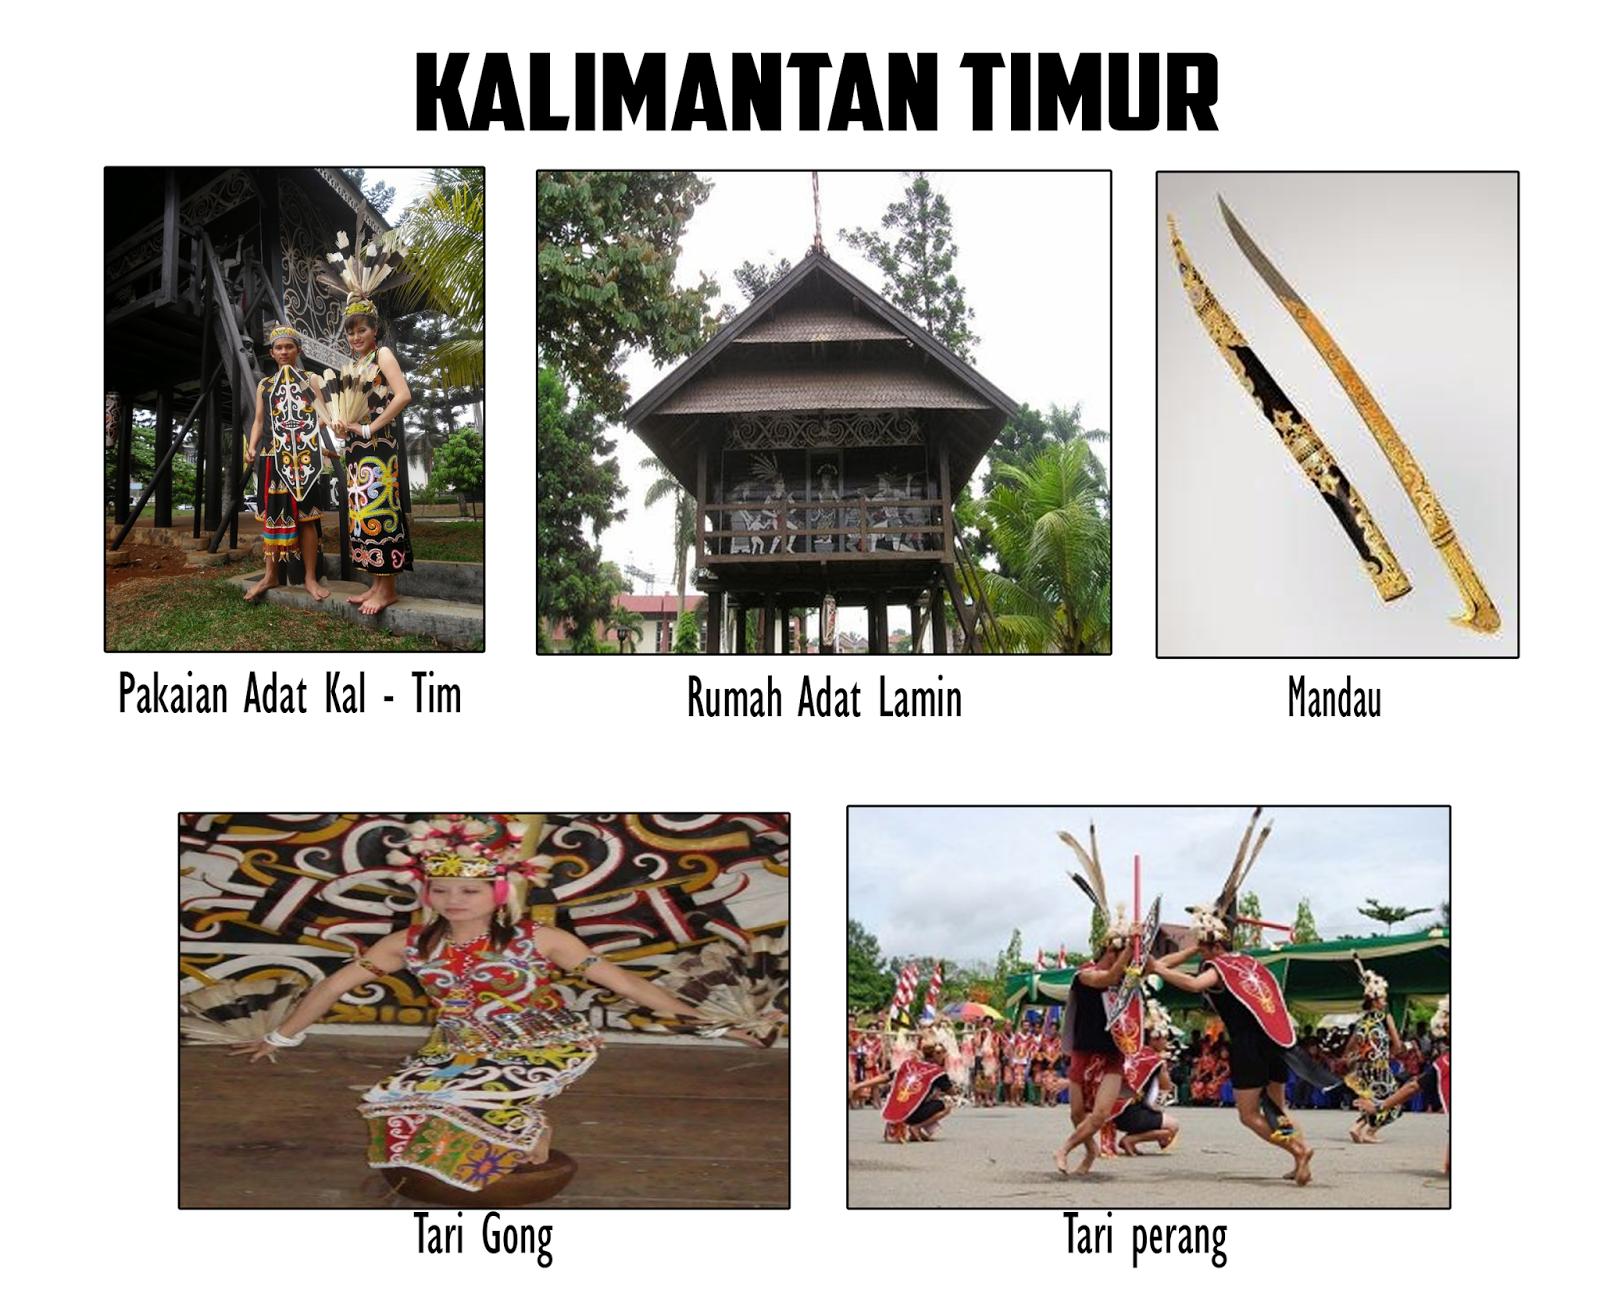 Koleksi Mewarnai Gambar Pakaian Adat Bali